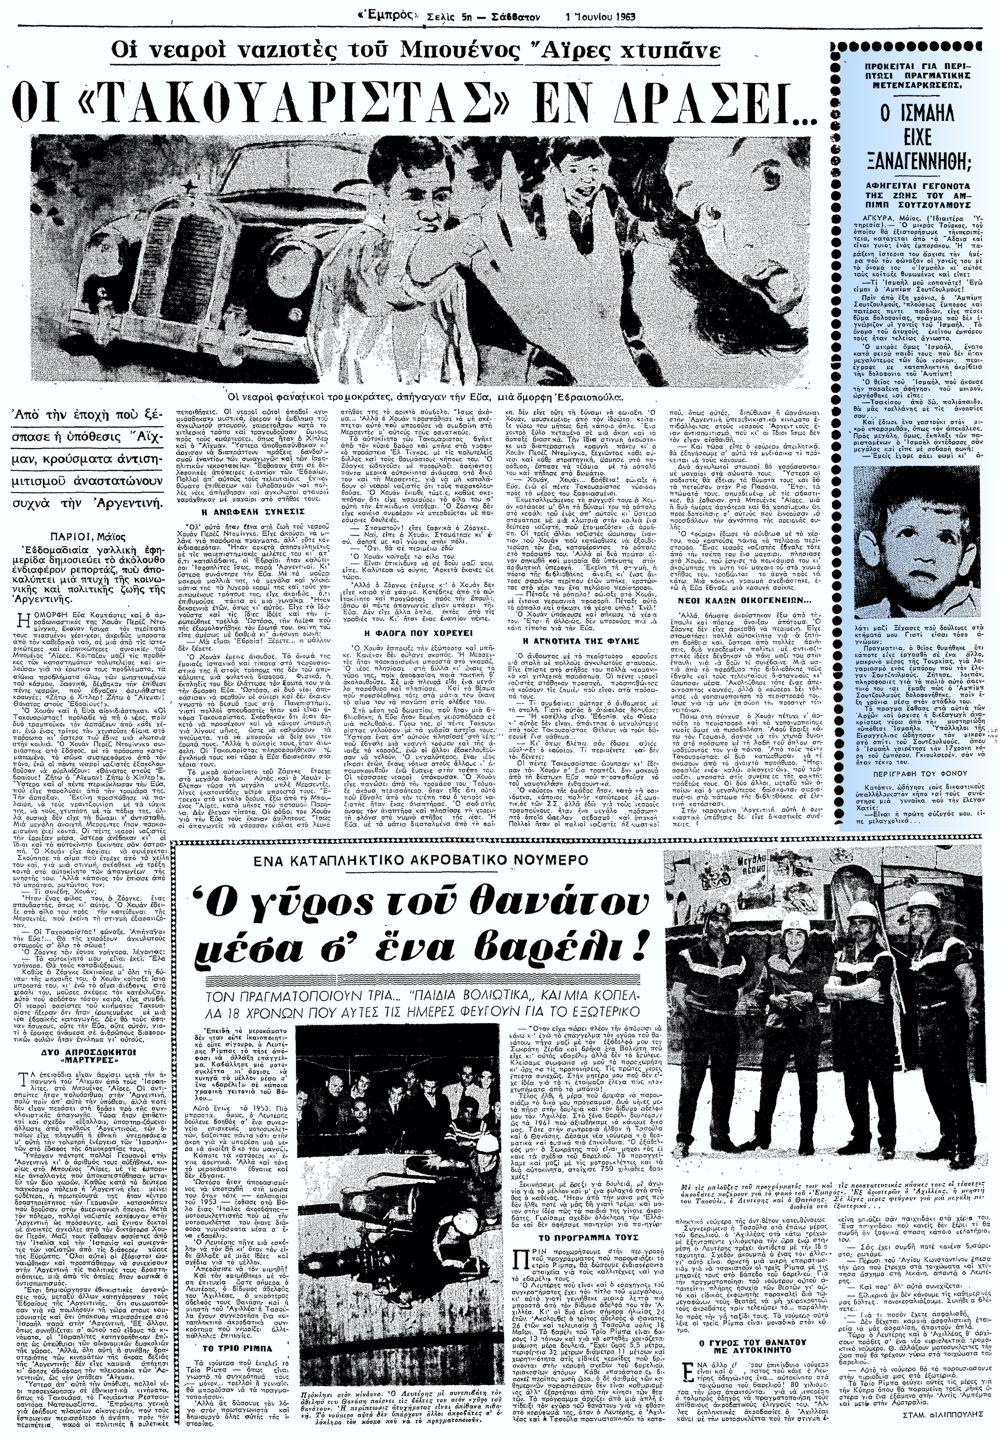 """Το άρθρο, όπως δημοσιεύθηκε στην εφημερίδα """"ΕΜΠΡΟΣ"""", την 01/06/1963"""